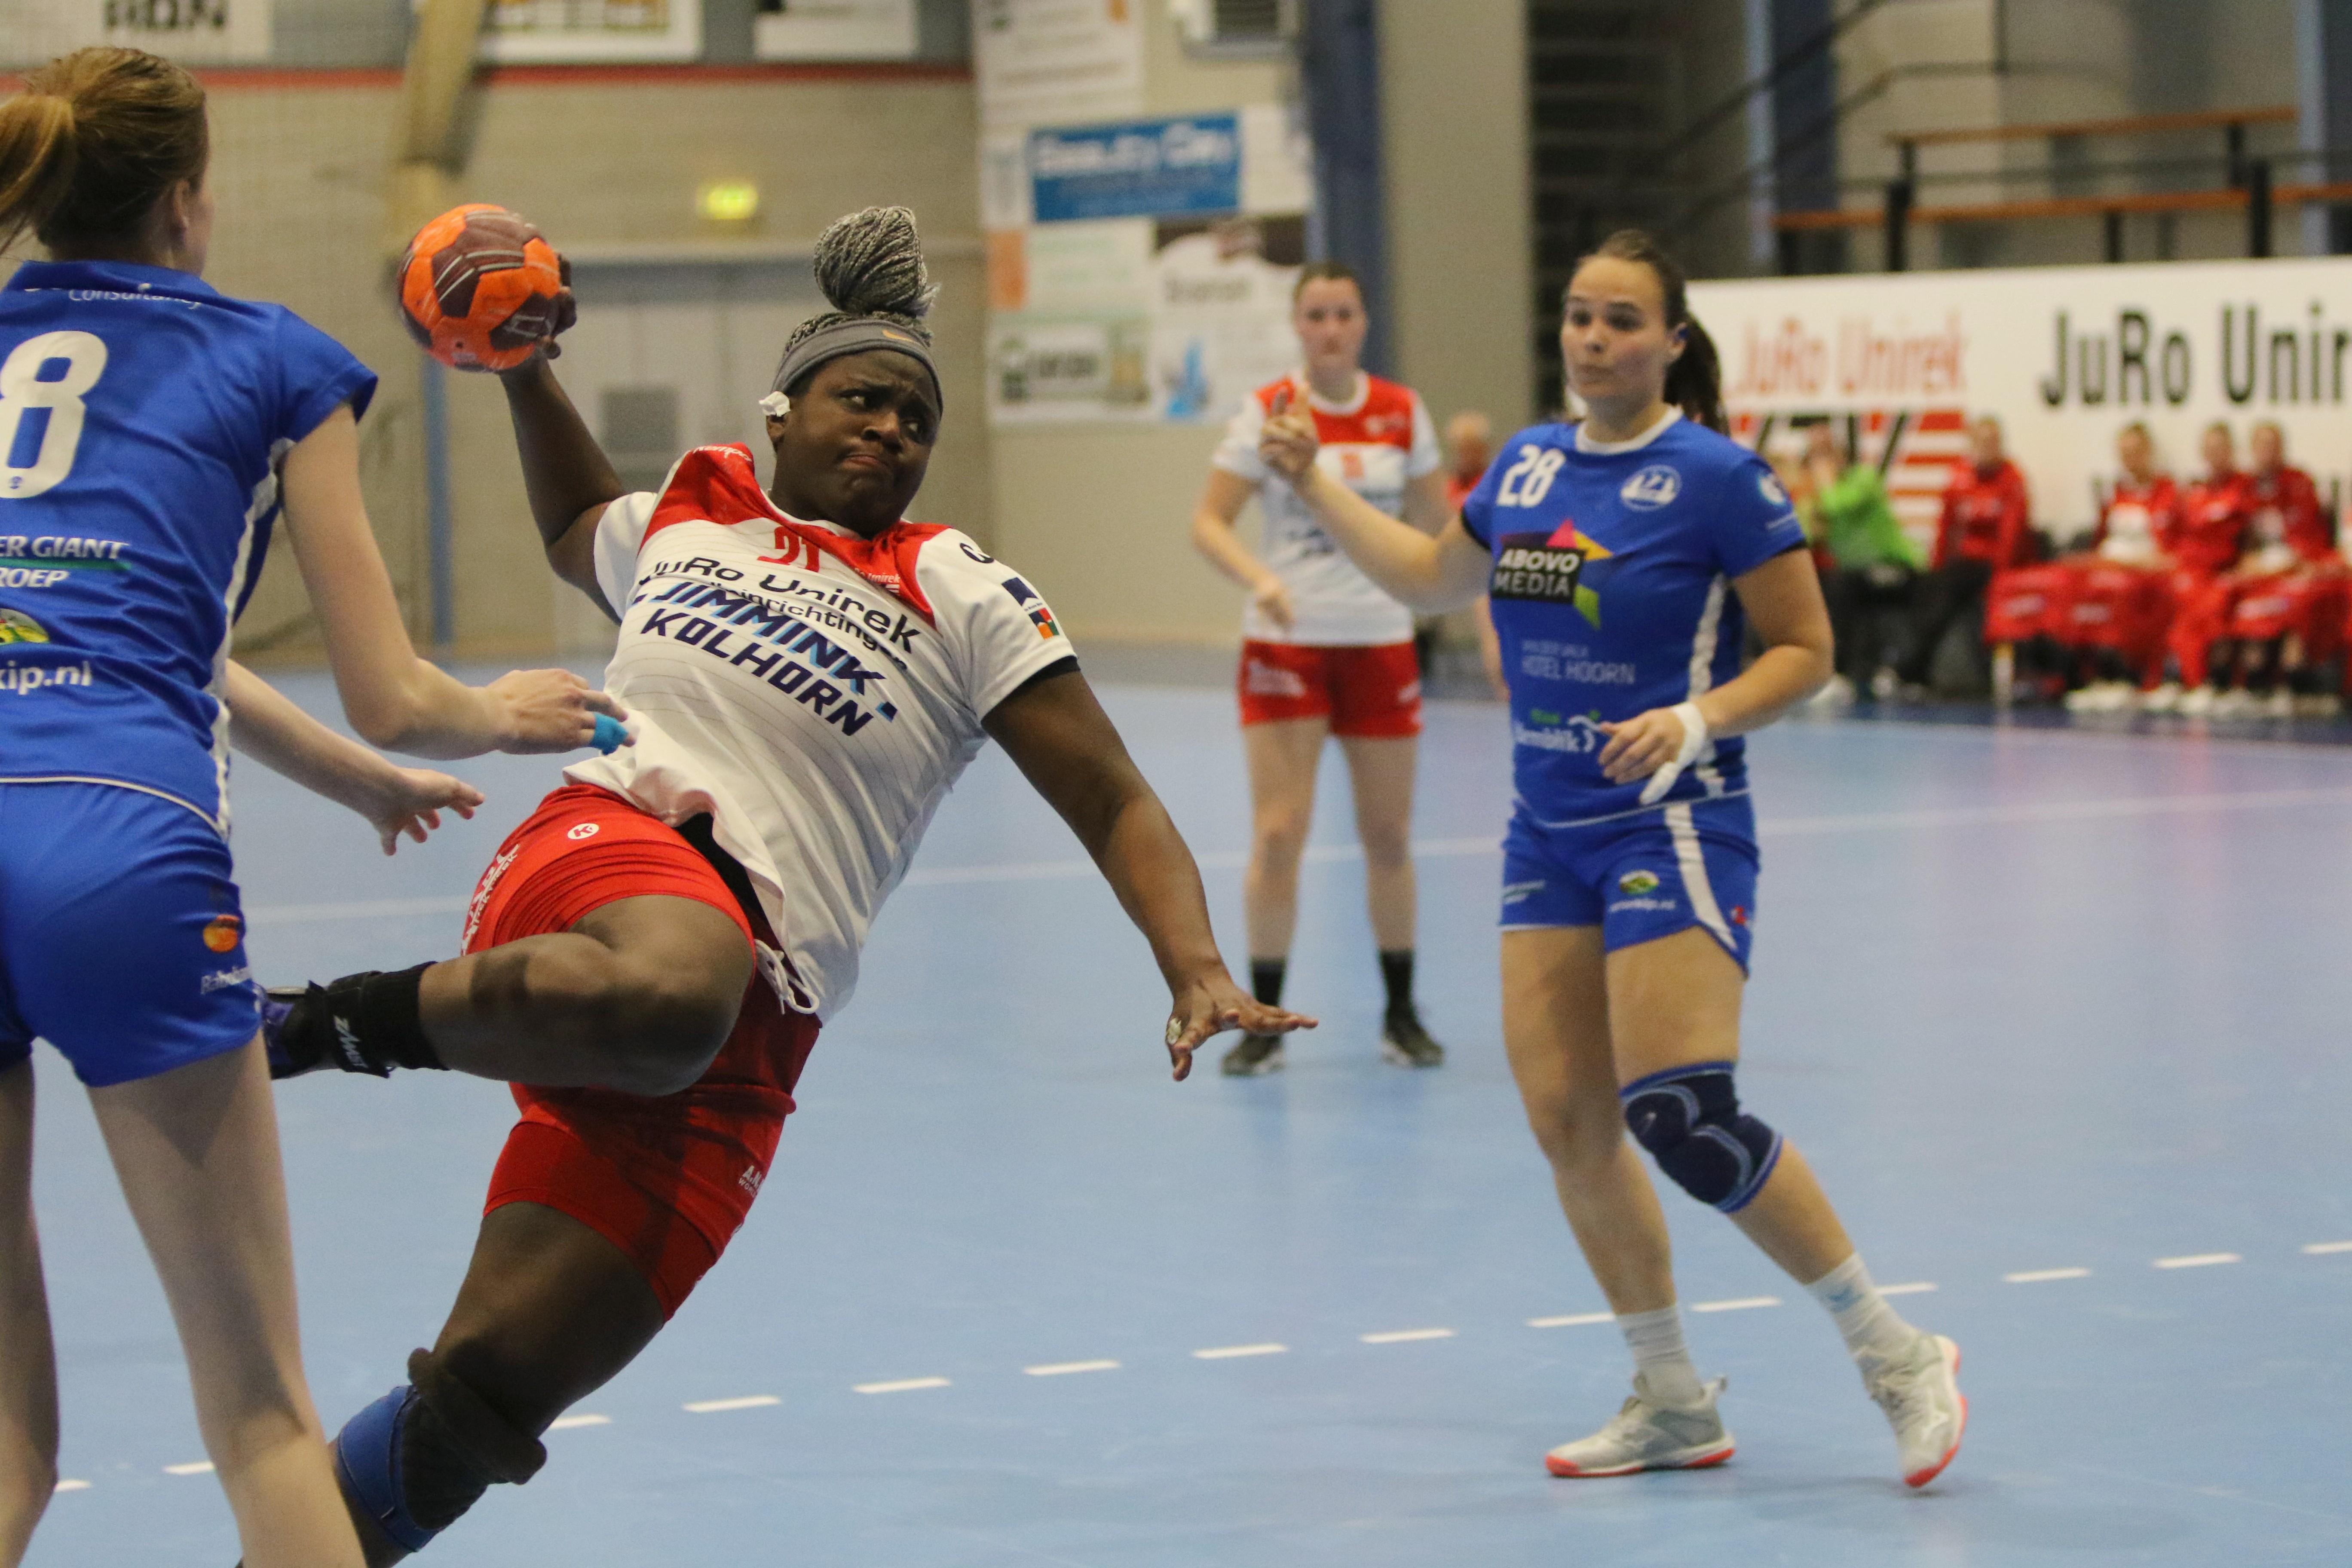 VZV neemt in de wedstrijd tegen SEW alvast een voorschot op het volgende seizoen; handbalsters snakken naar een echte derby